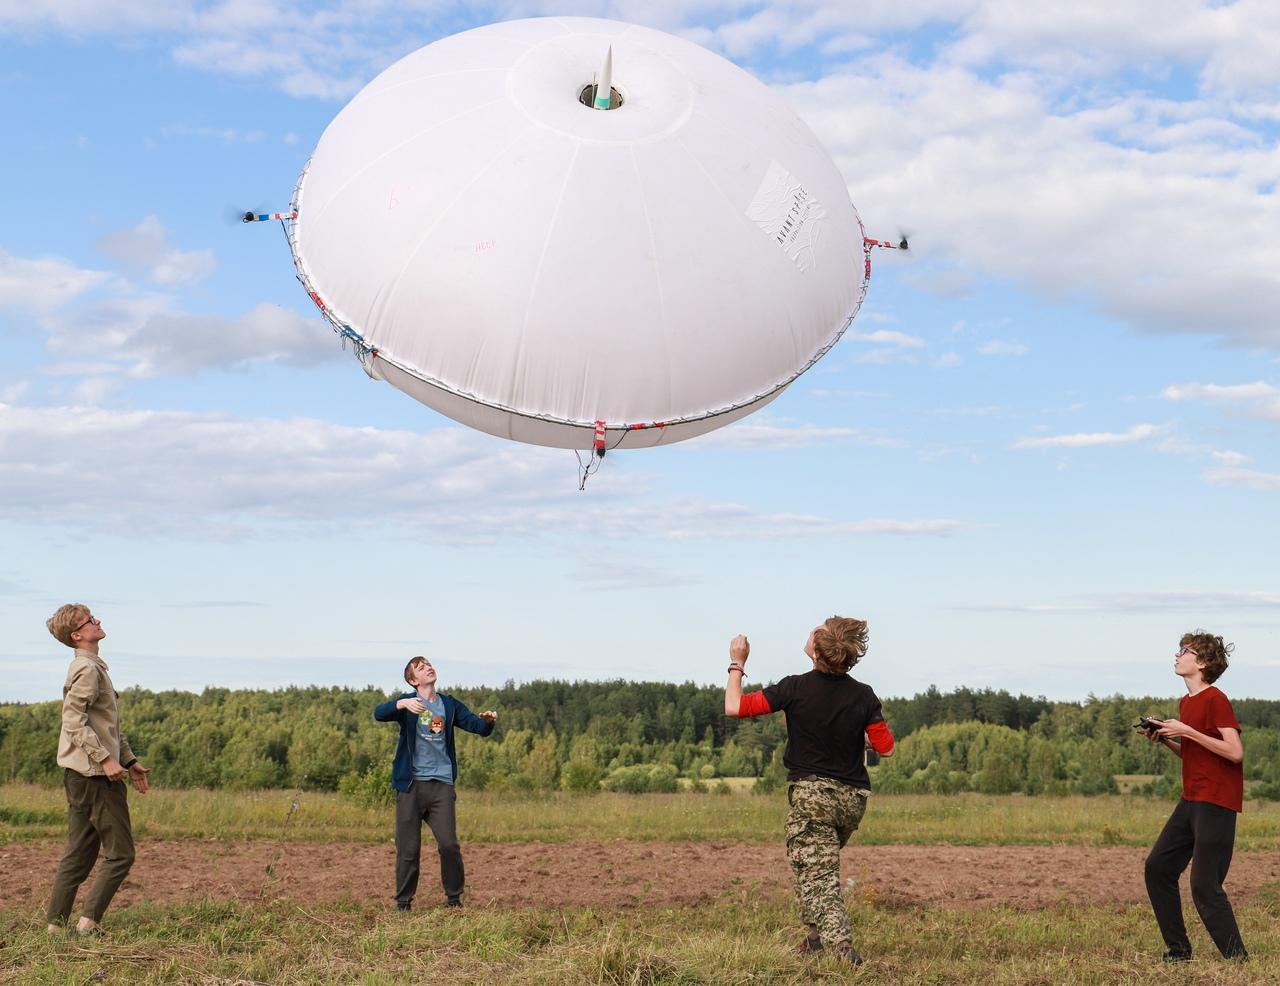 Стартует 10-й сезон проекта «Воздушно-инженерная школа»